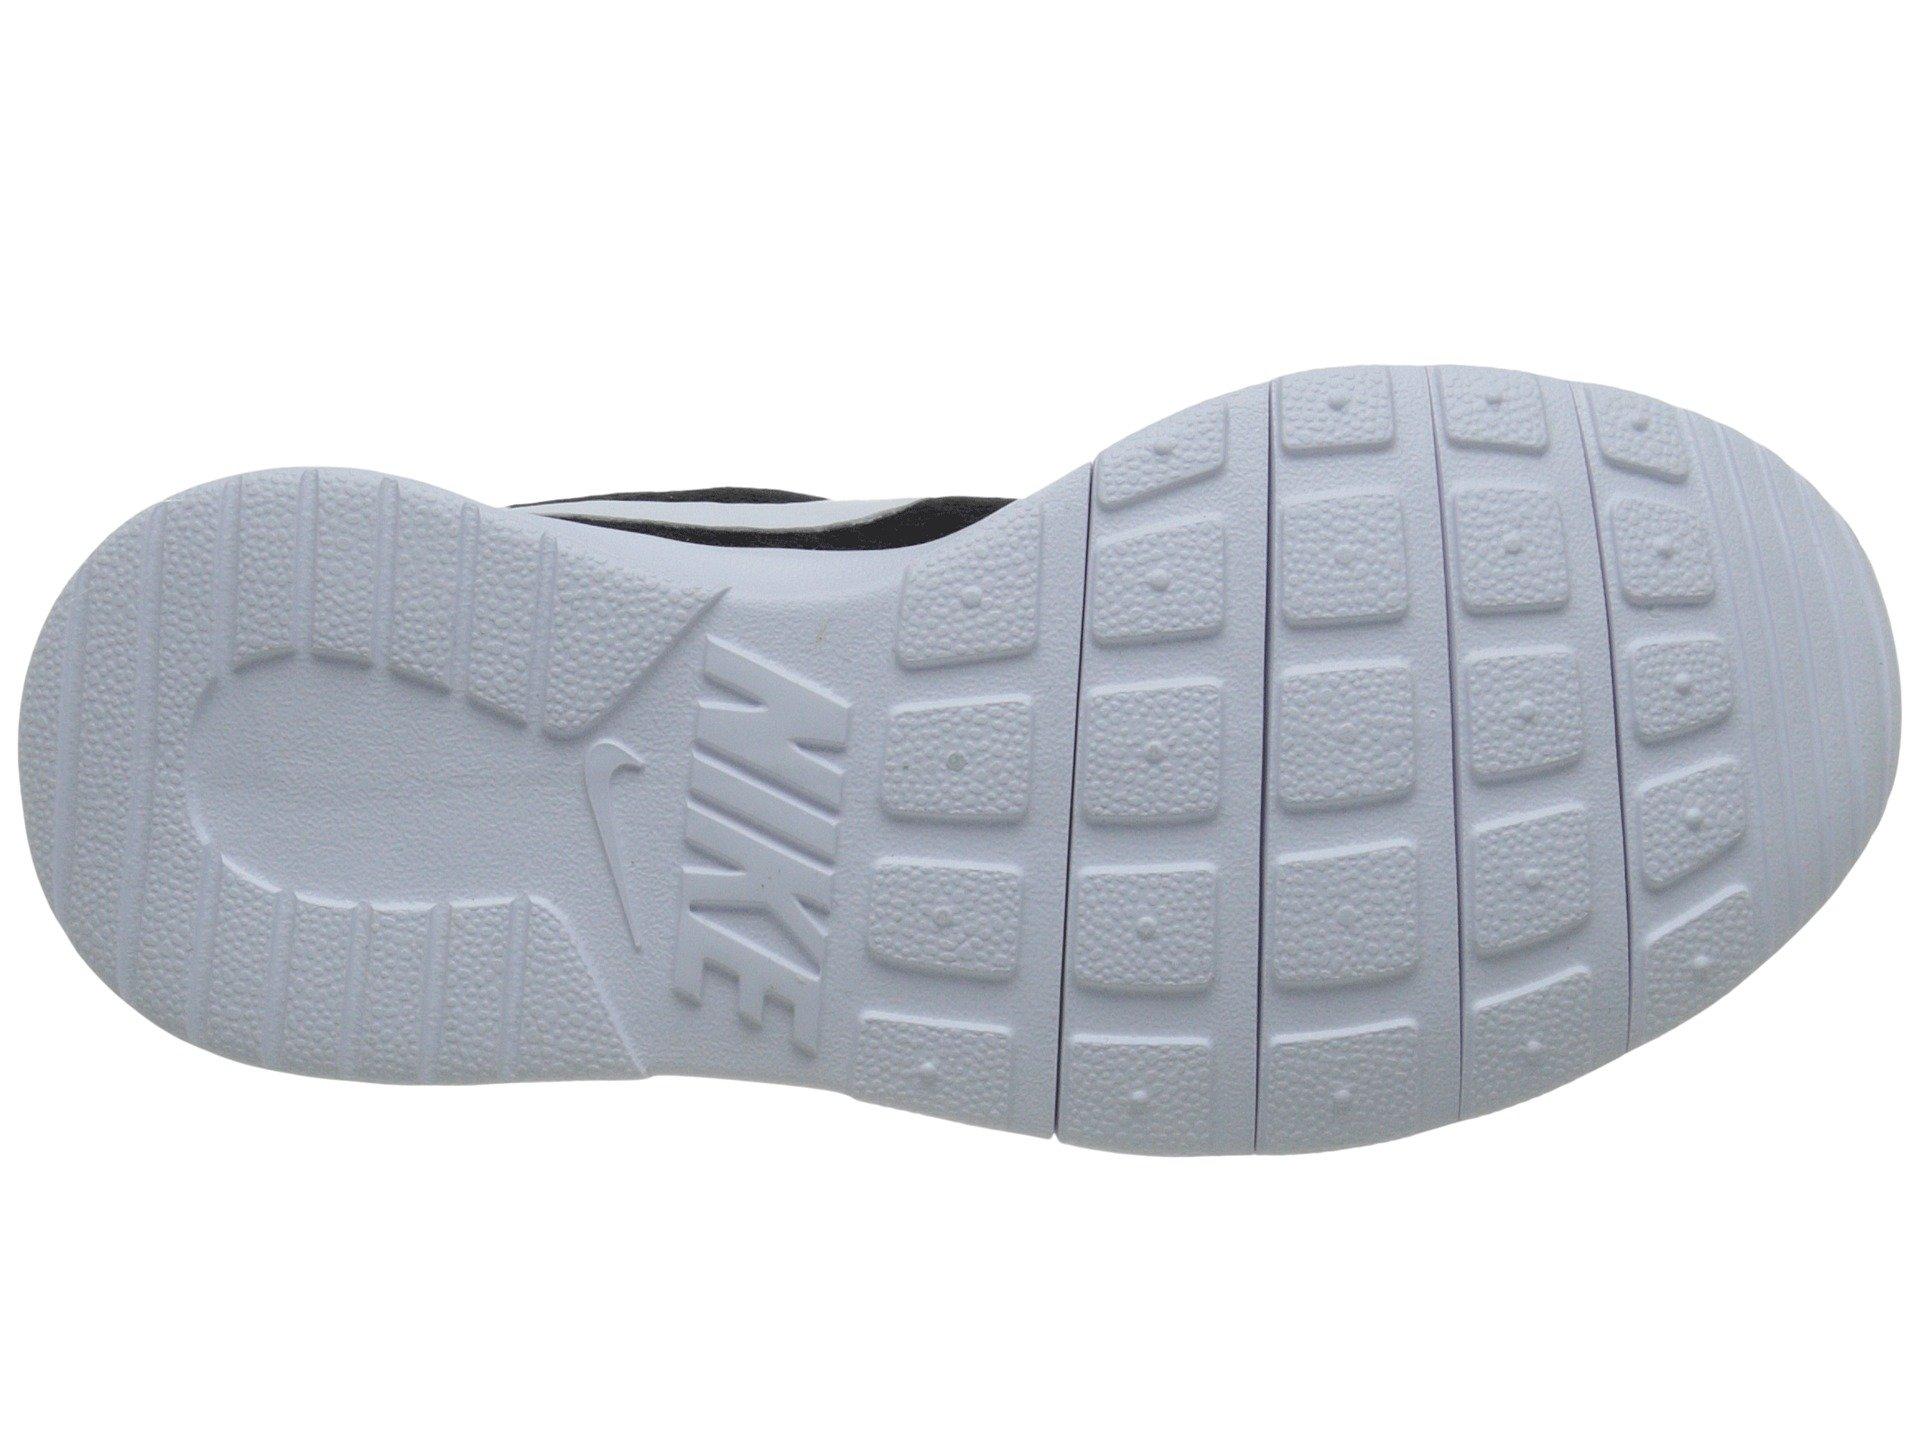 Nike Boy's Tanjun Running Sneaker Black/White-White 1.5 by Nike (Image #4)